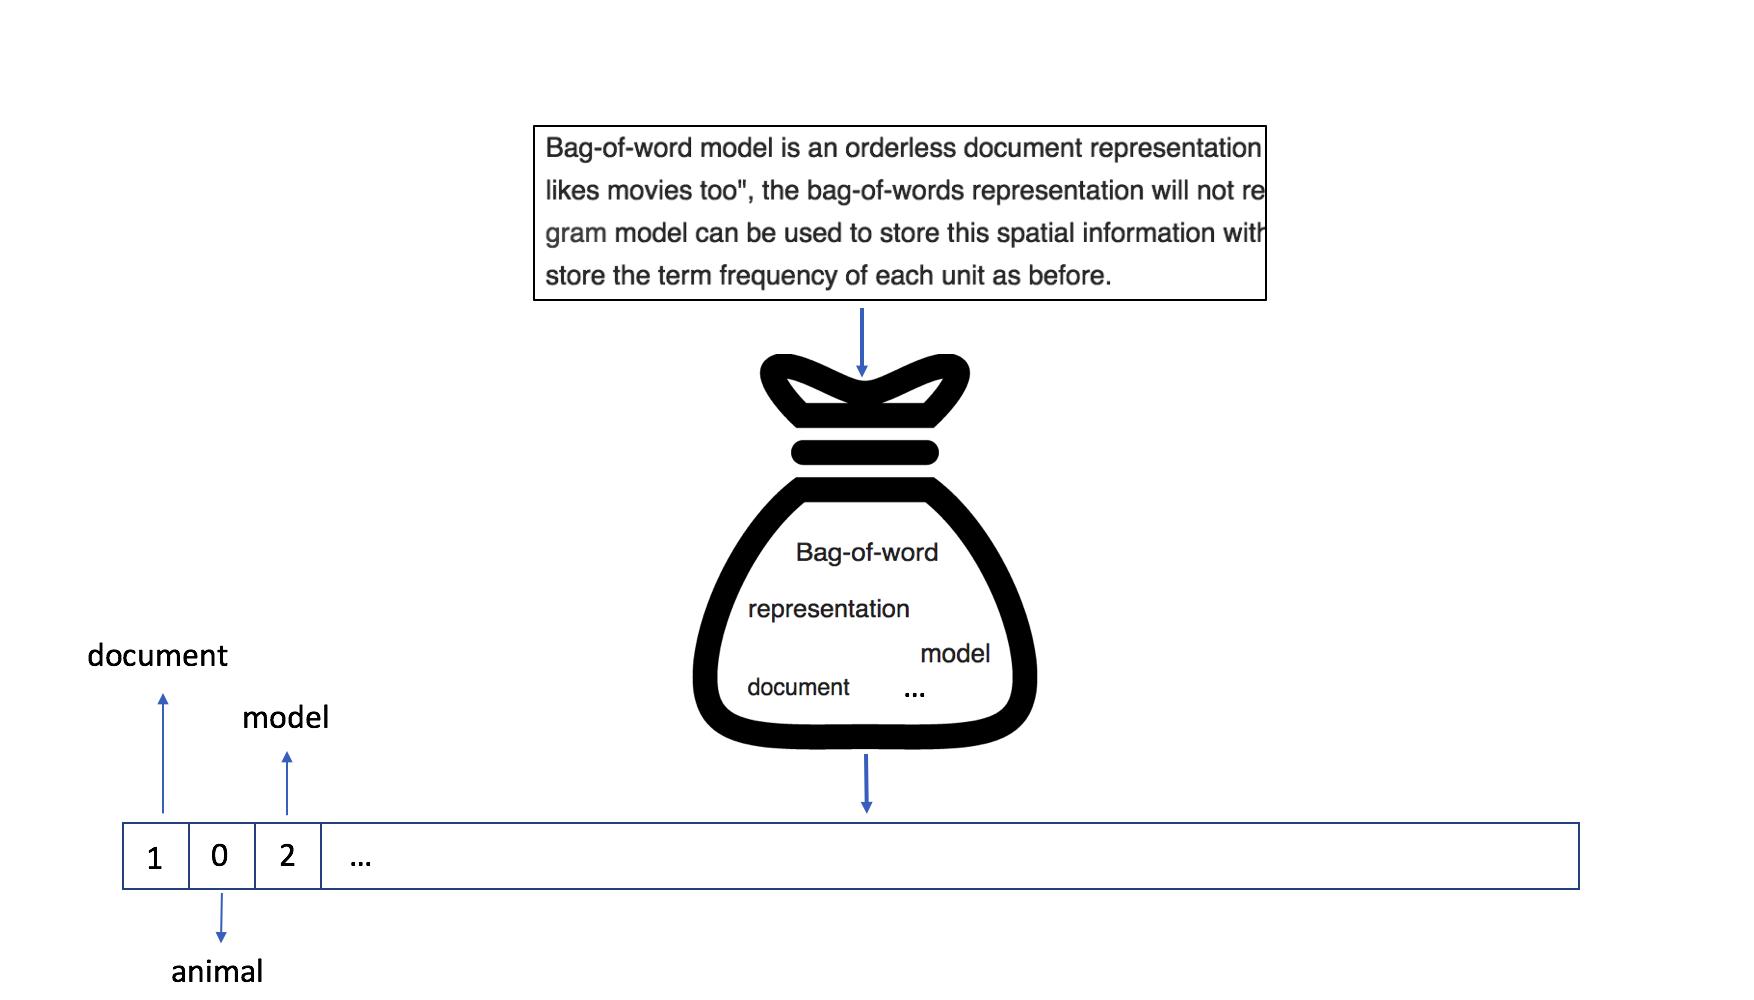 LDA2vec: Word Embeddings in Topic Models (article) - DataCamp